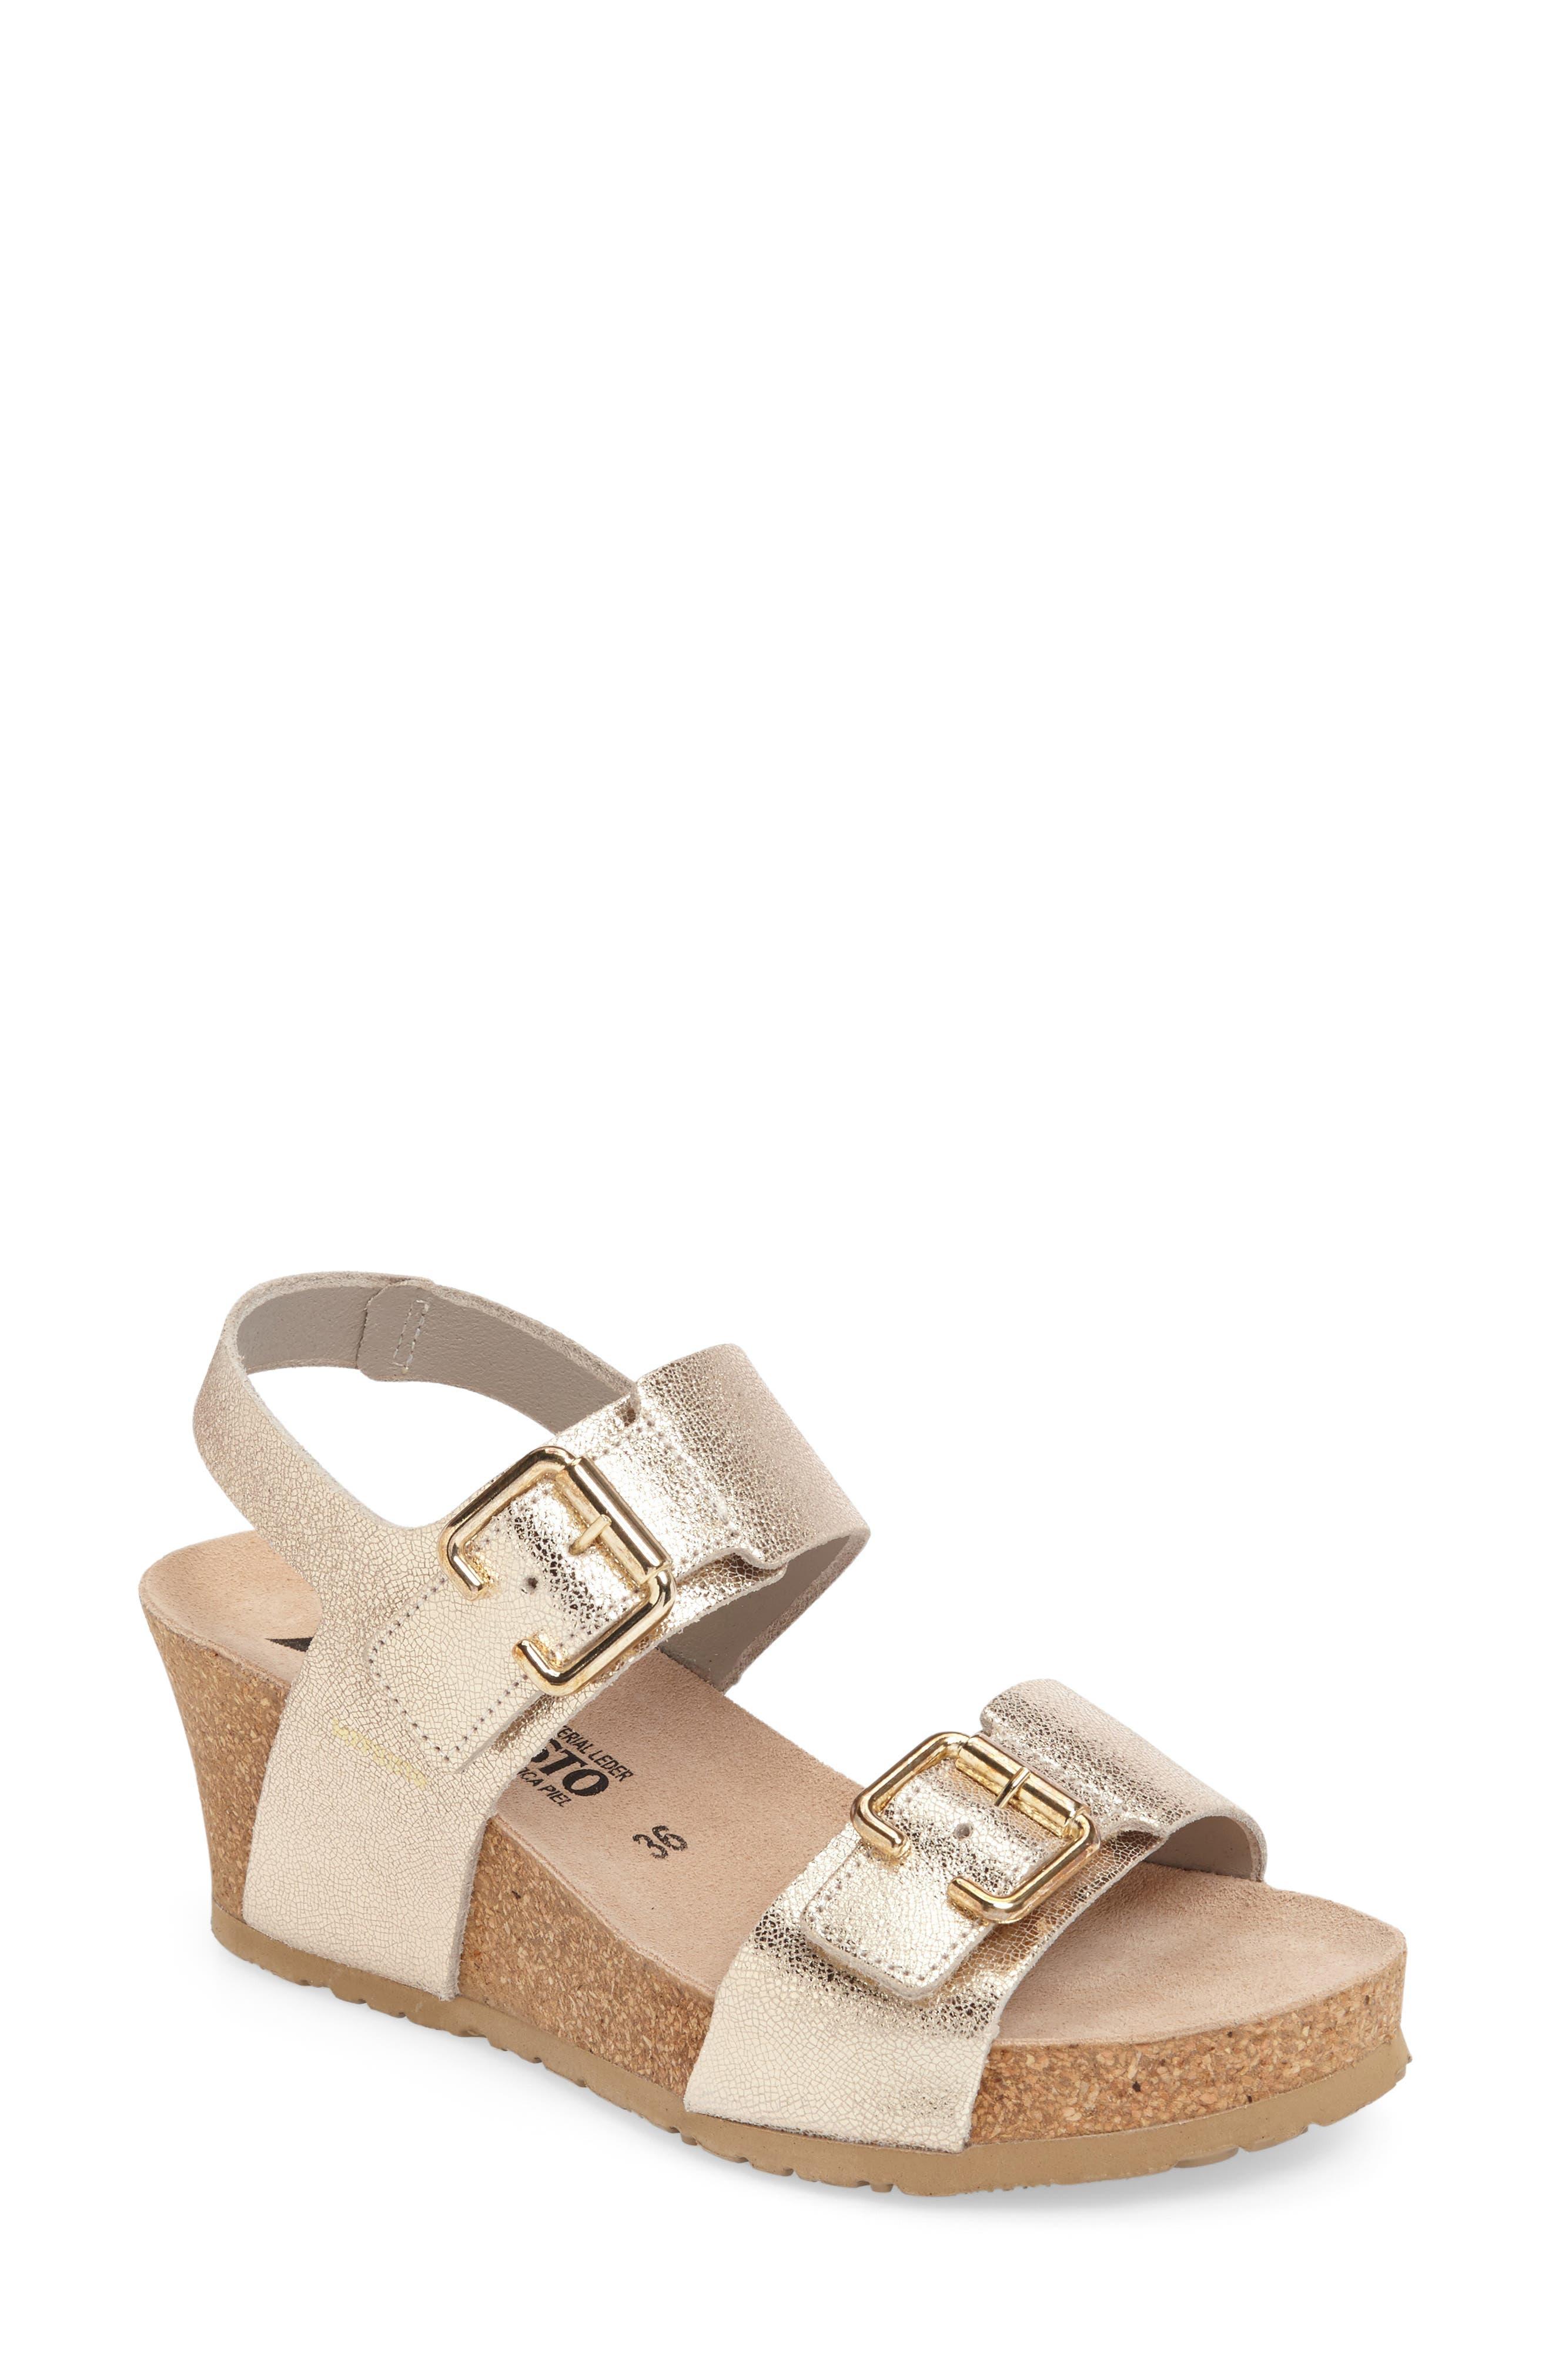 Alternate Image 1 Selected - Mephisto Lissandra Platform Wedge Sandal (Women)